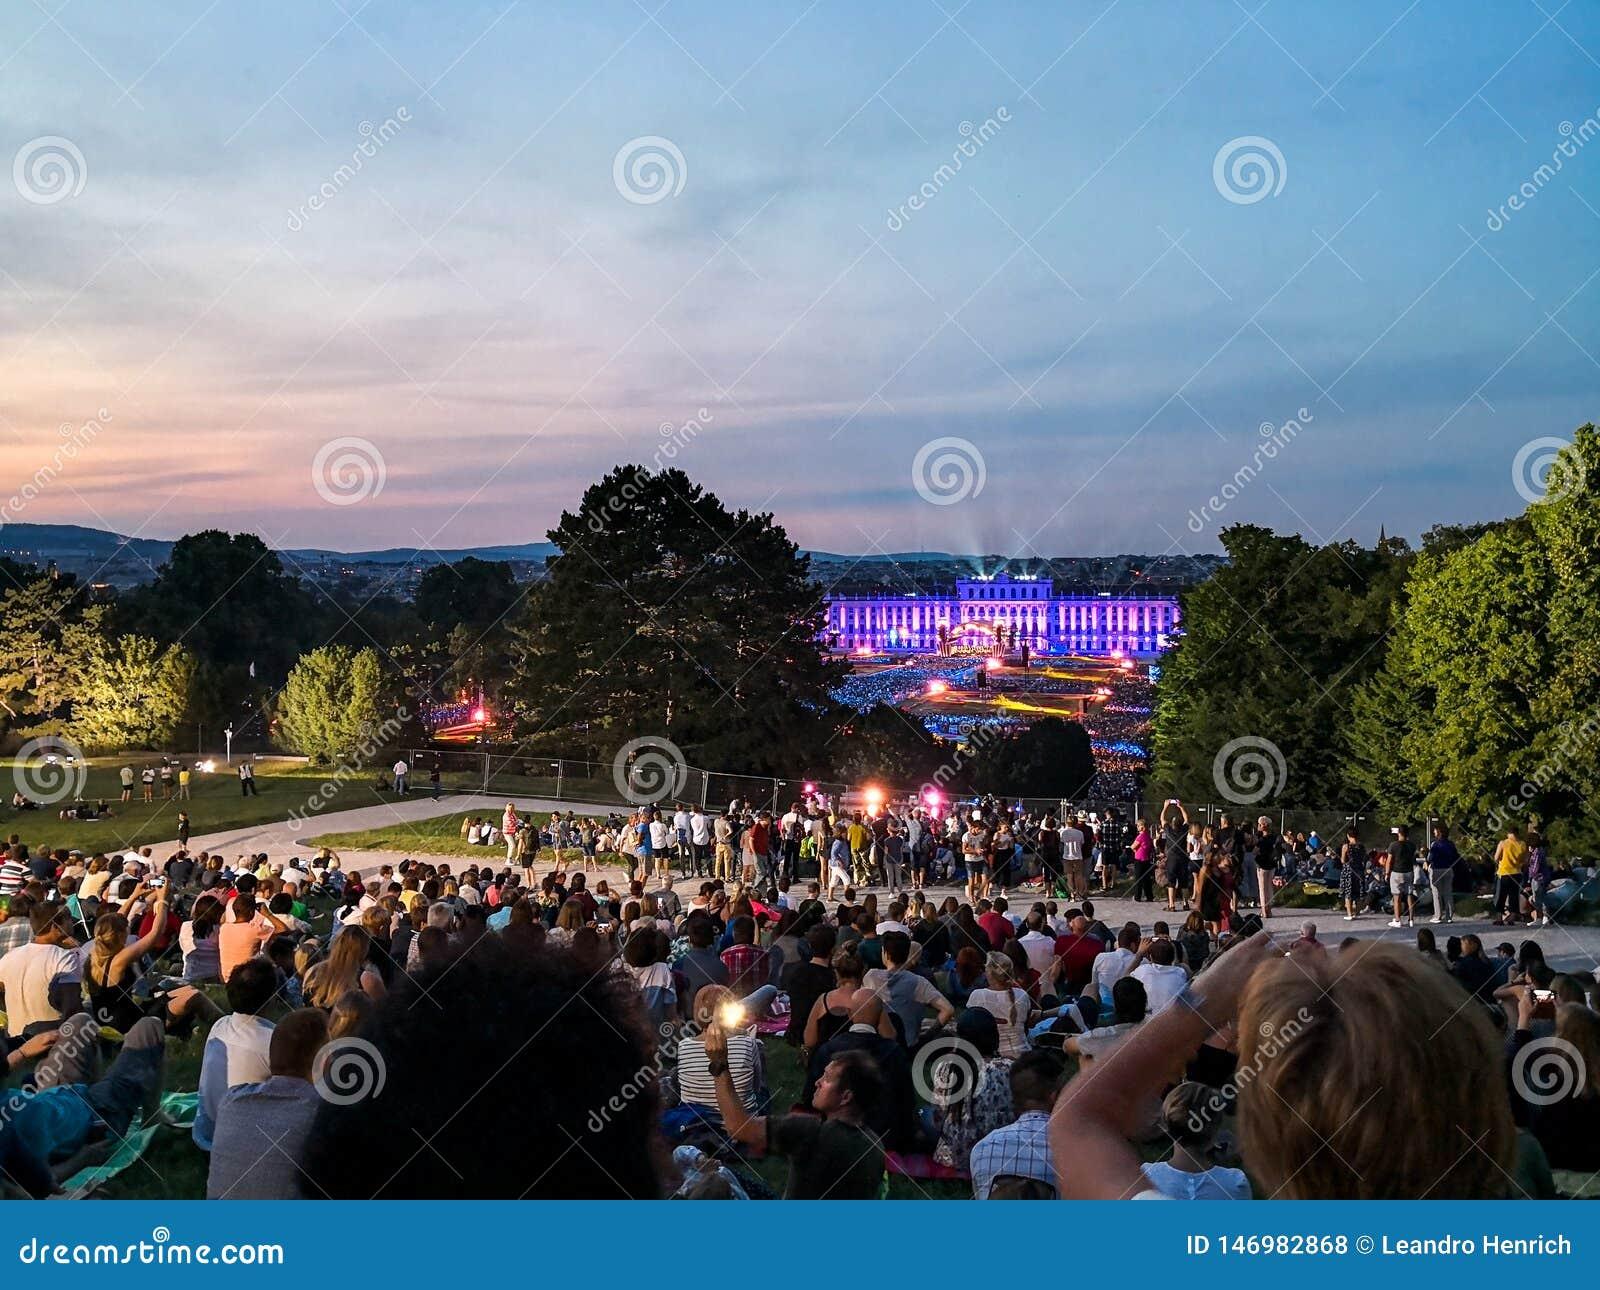 υπαίθρια συναυλία μιας θερινής νύχτας από τους θαυμάσιους κήπους του παλατιού Schonbrunn με τη φιλαρμονική ορχήστρα της Βιέννης